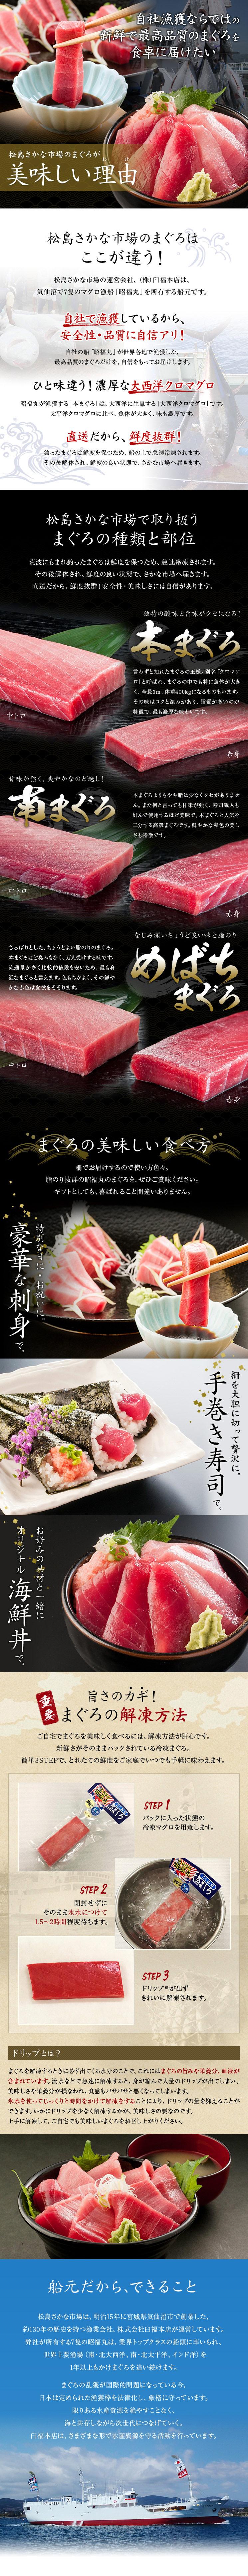 松島さかな市場のまぐろが美味しい理由